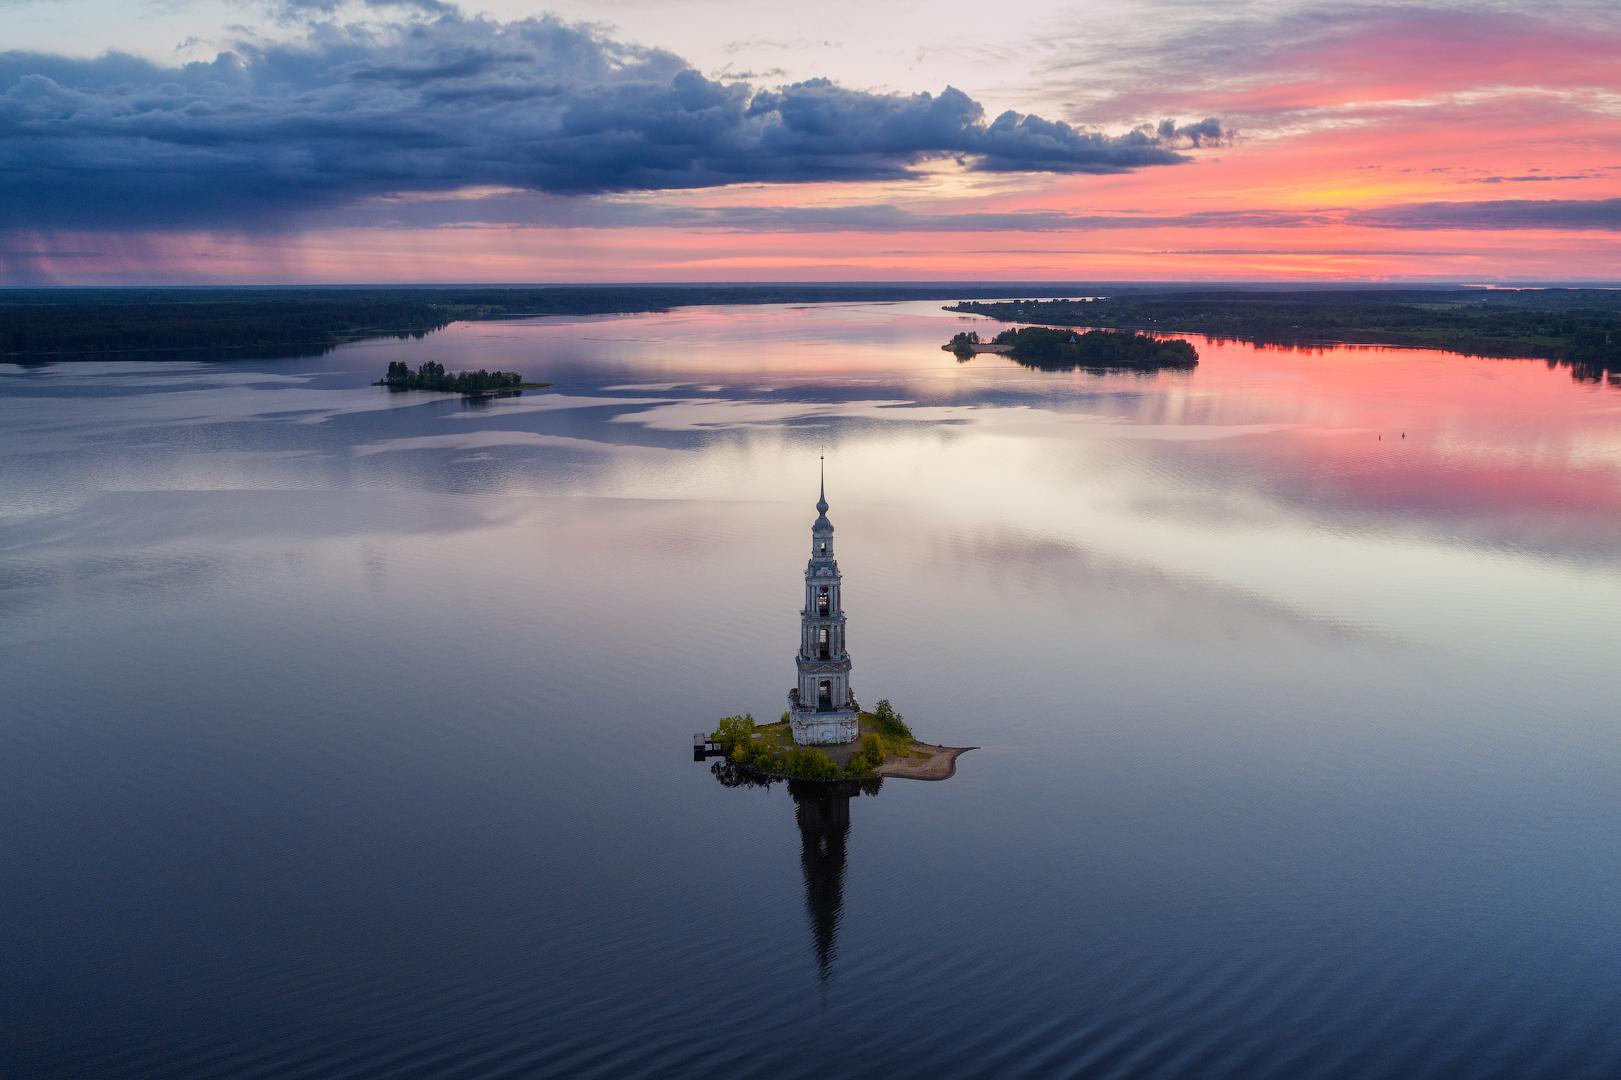 В Калязине Тверской области будет увеличено число туристических достопримечательностей